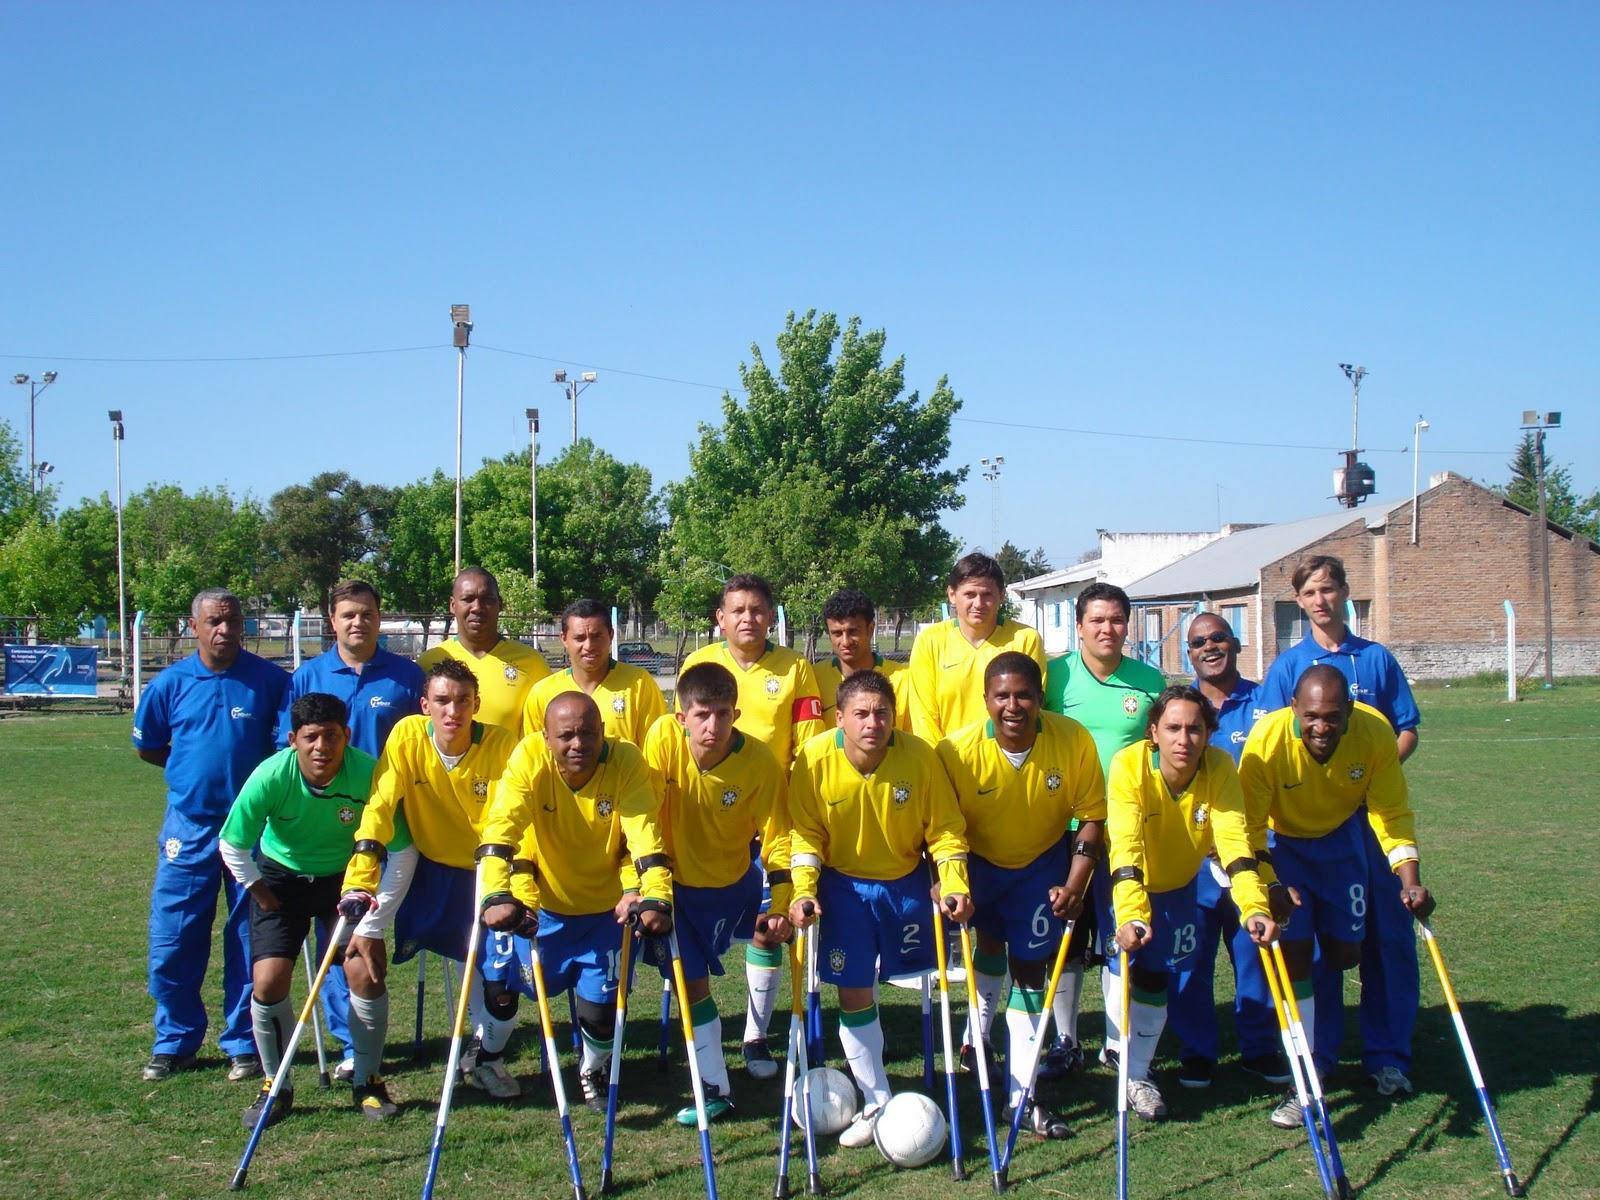 Equipe da Seleção Brasileira de Futebol de Amputados. Equipe vai em busca de título inédito na disputa da XV Copa do Mundo de Futebol de Amputados. Competição acontece em outubro deste ano, em Guaralajara, no México.